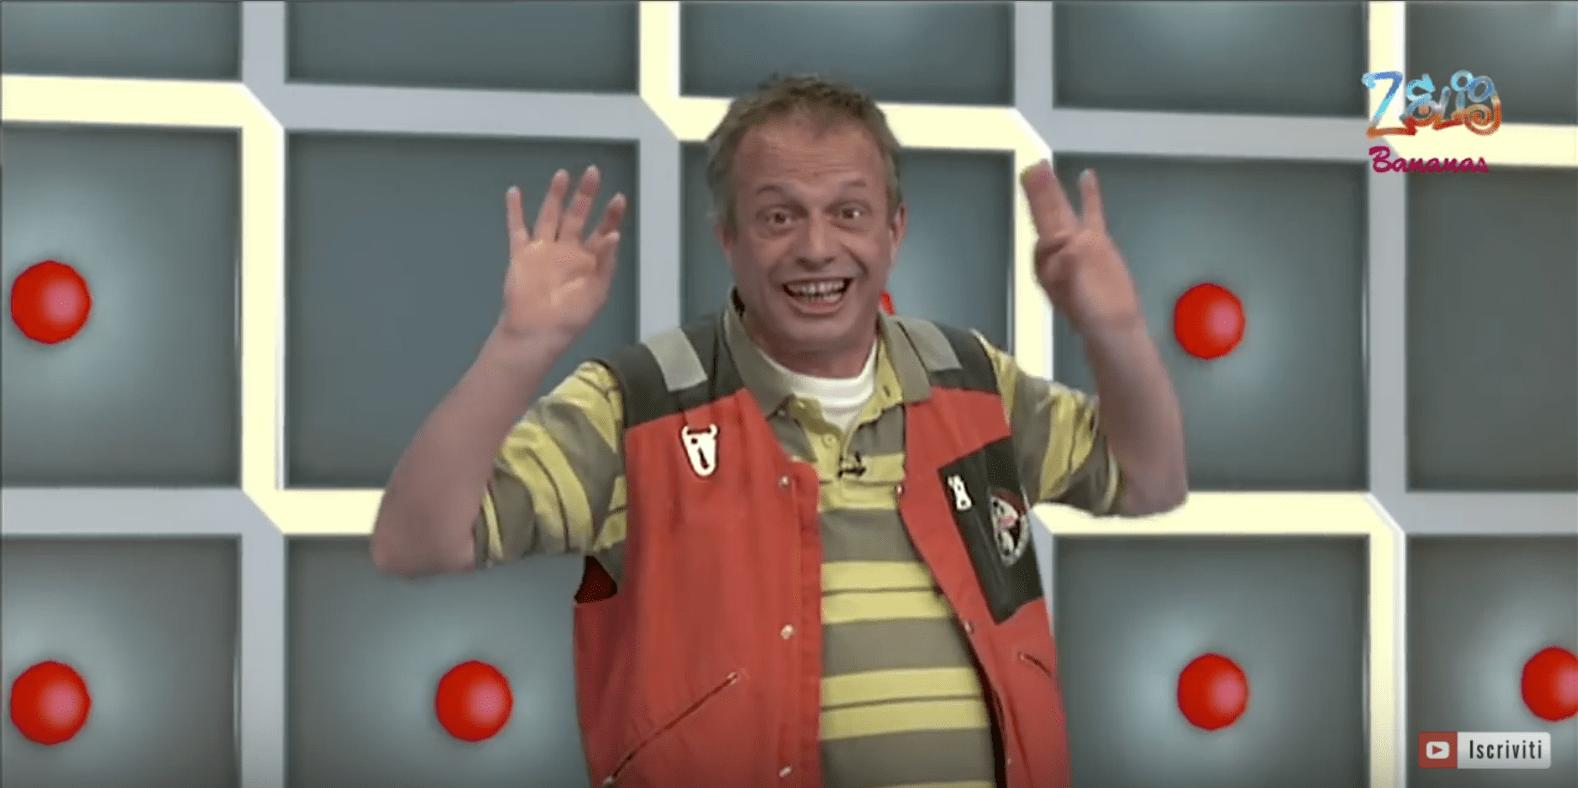 Marco Della Noce, ex comico di Zelig, vive in macchina: il dramma dopo la separazione